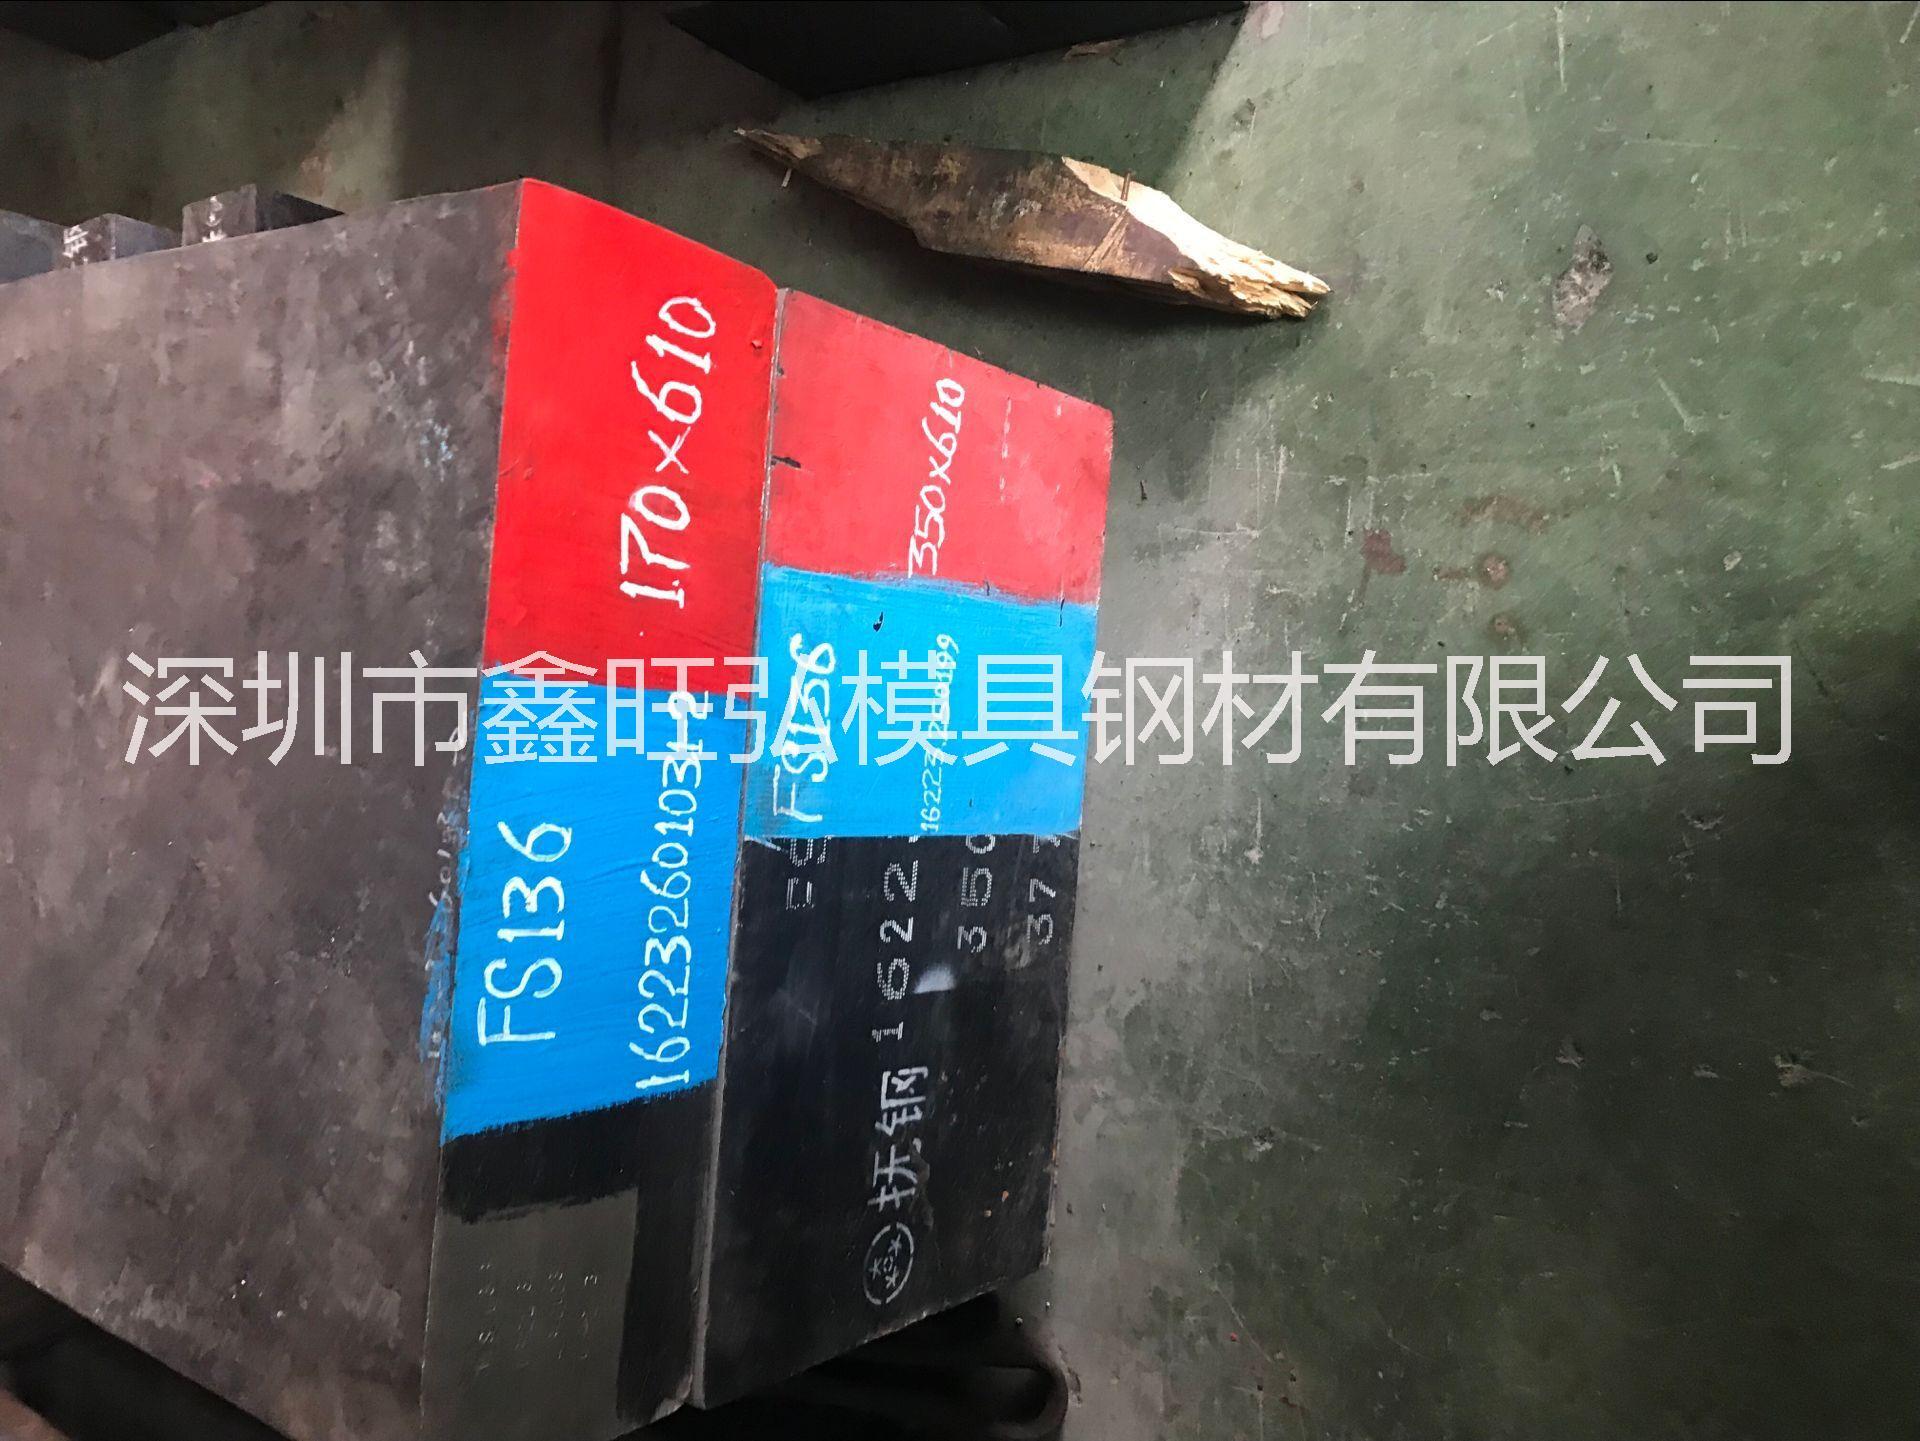 深圳鑫旺弘模具厂,龙岗鑫旺弘模具厂家,鑫旺弘模具钢材